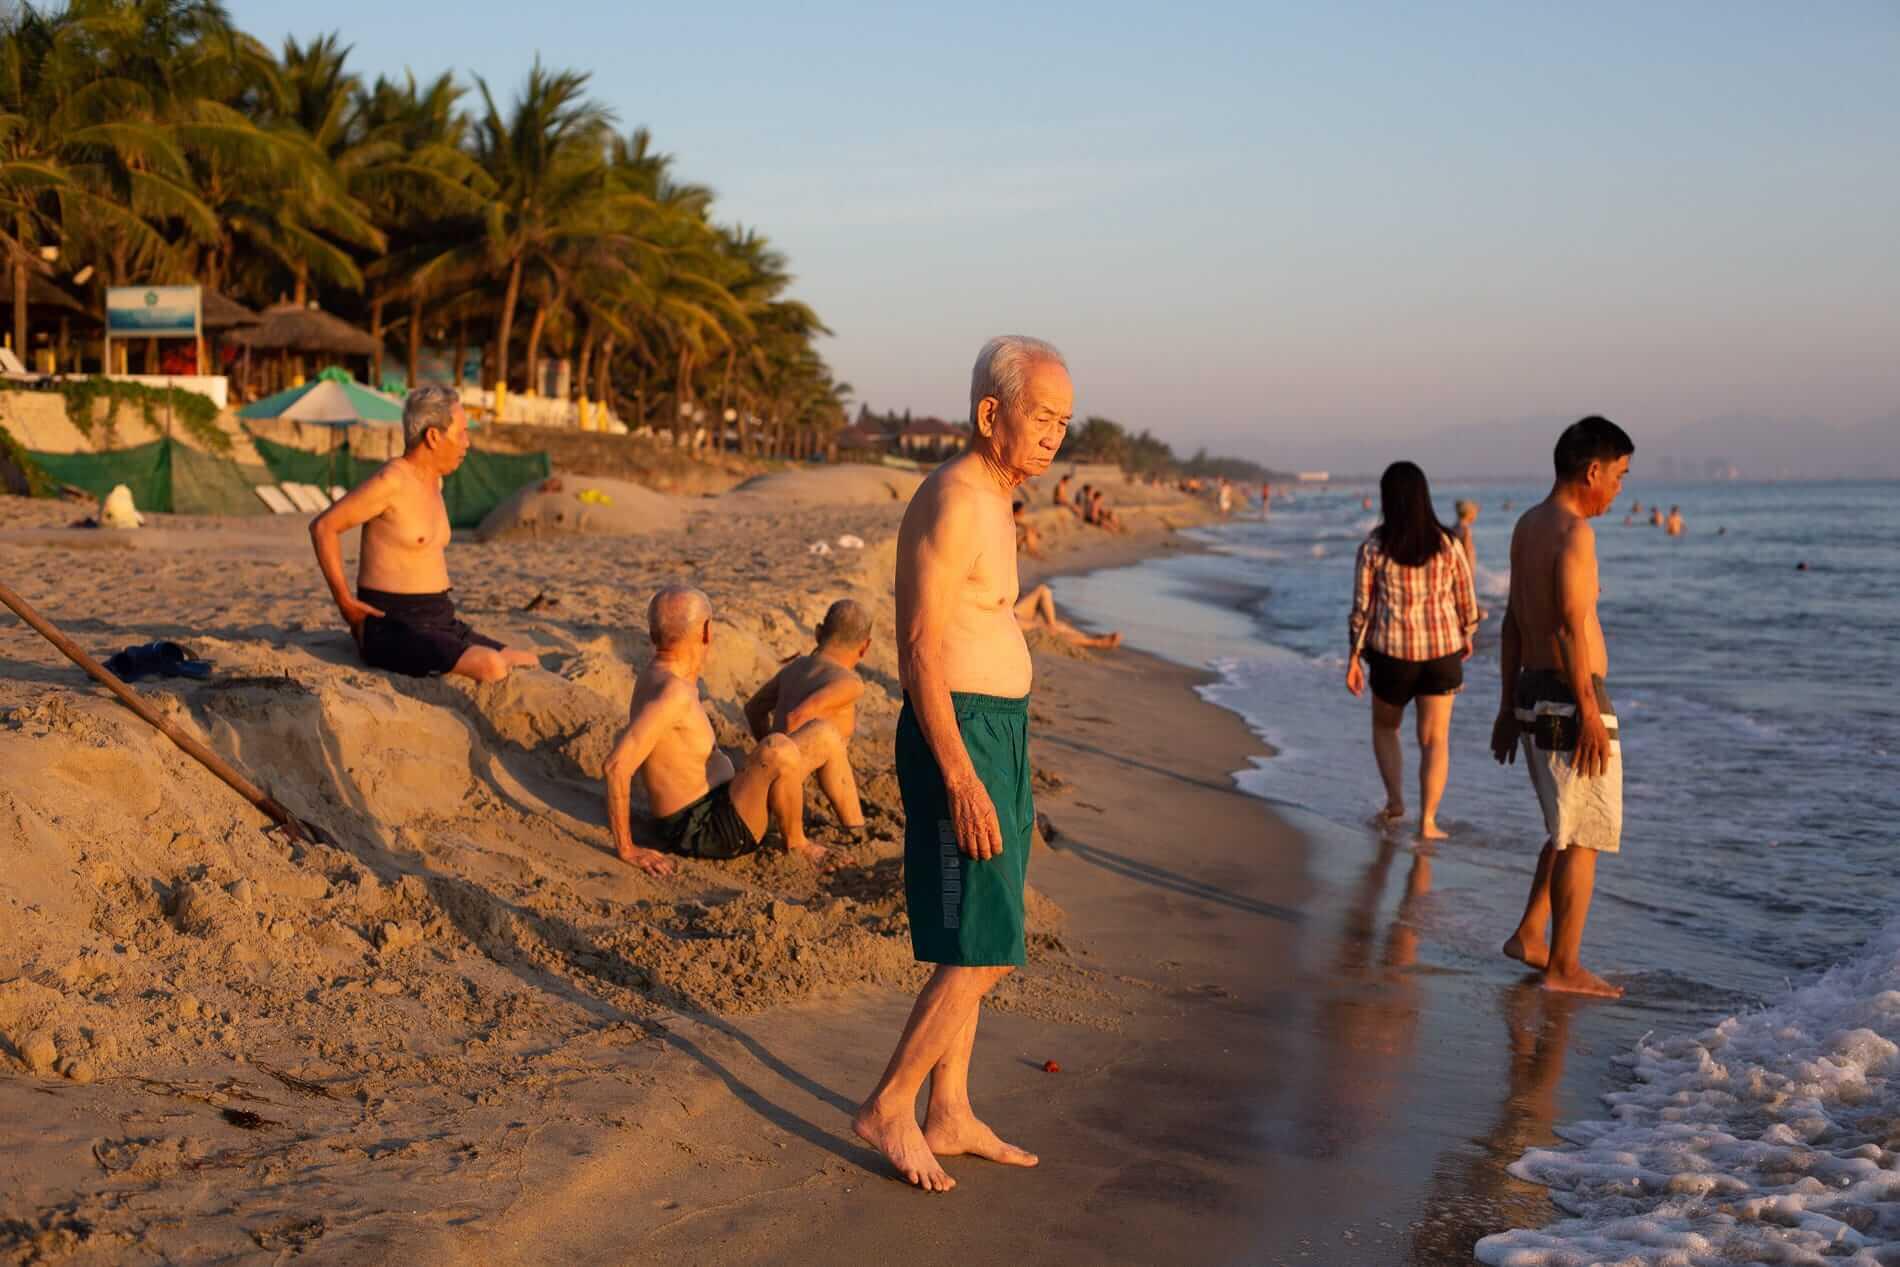 Dawn at the beach in Hoi An